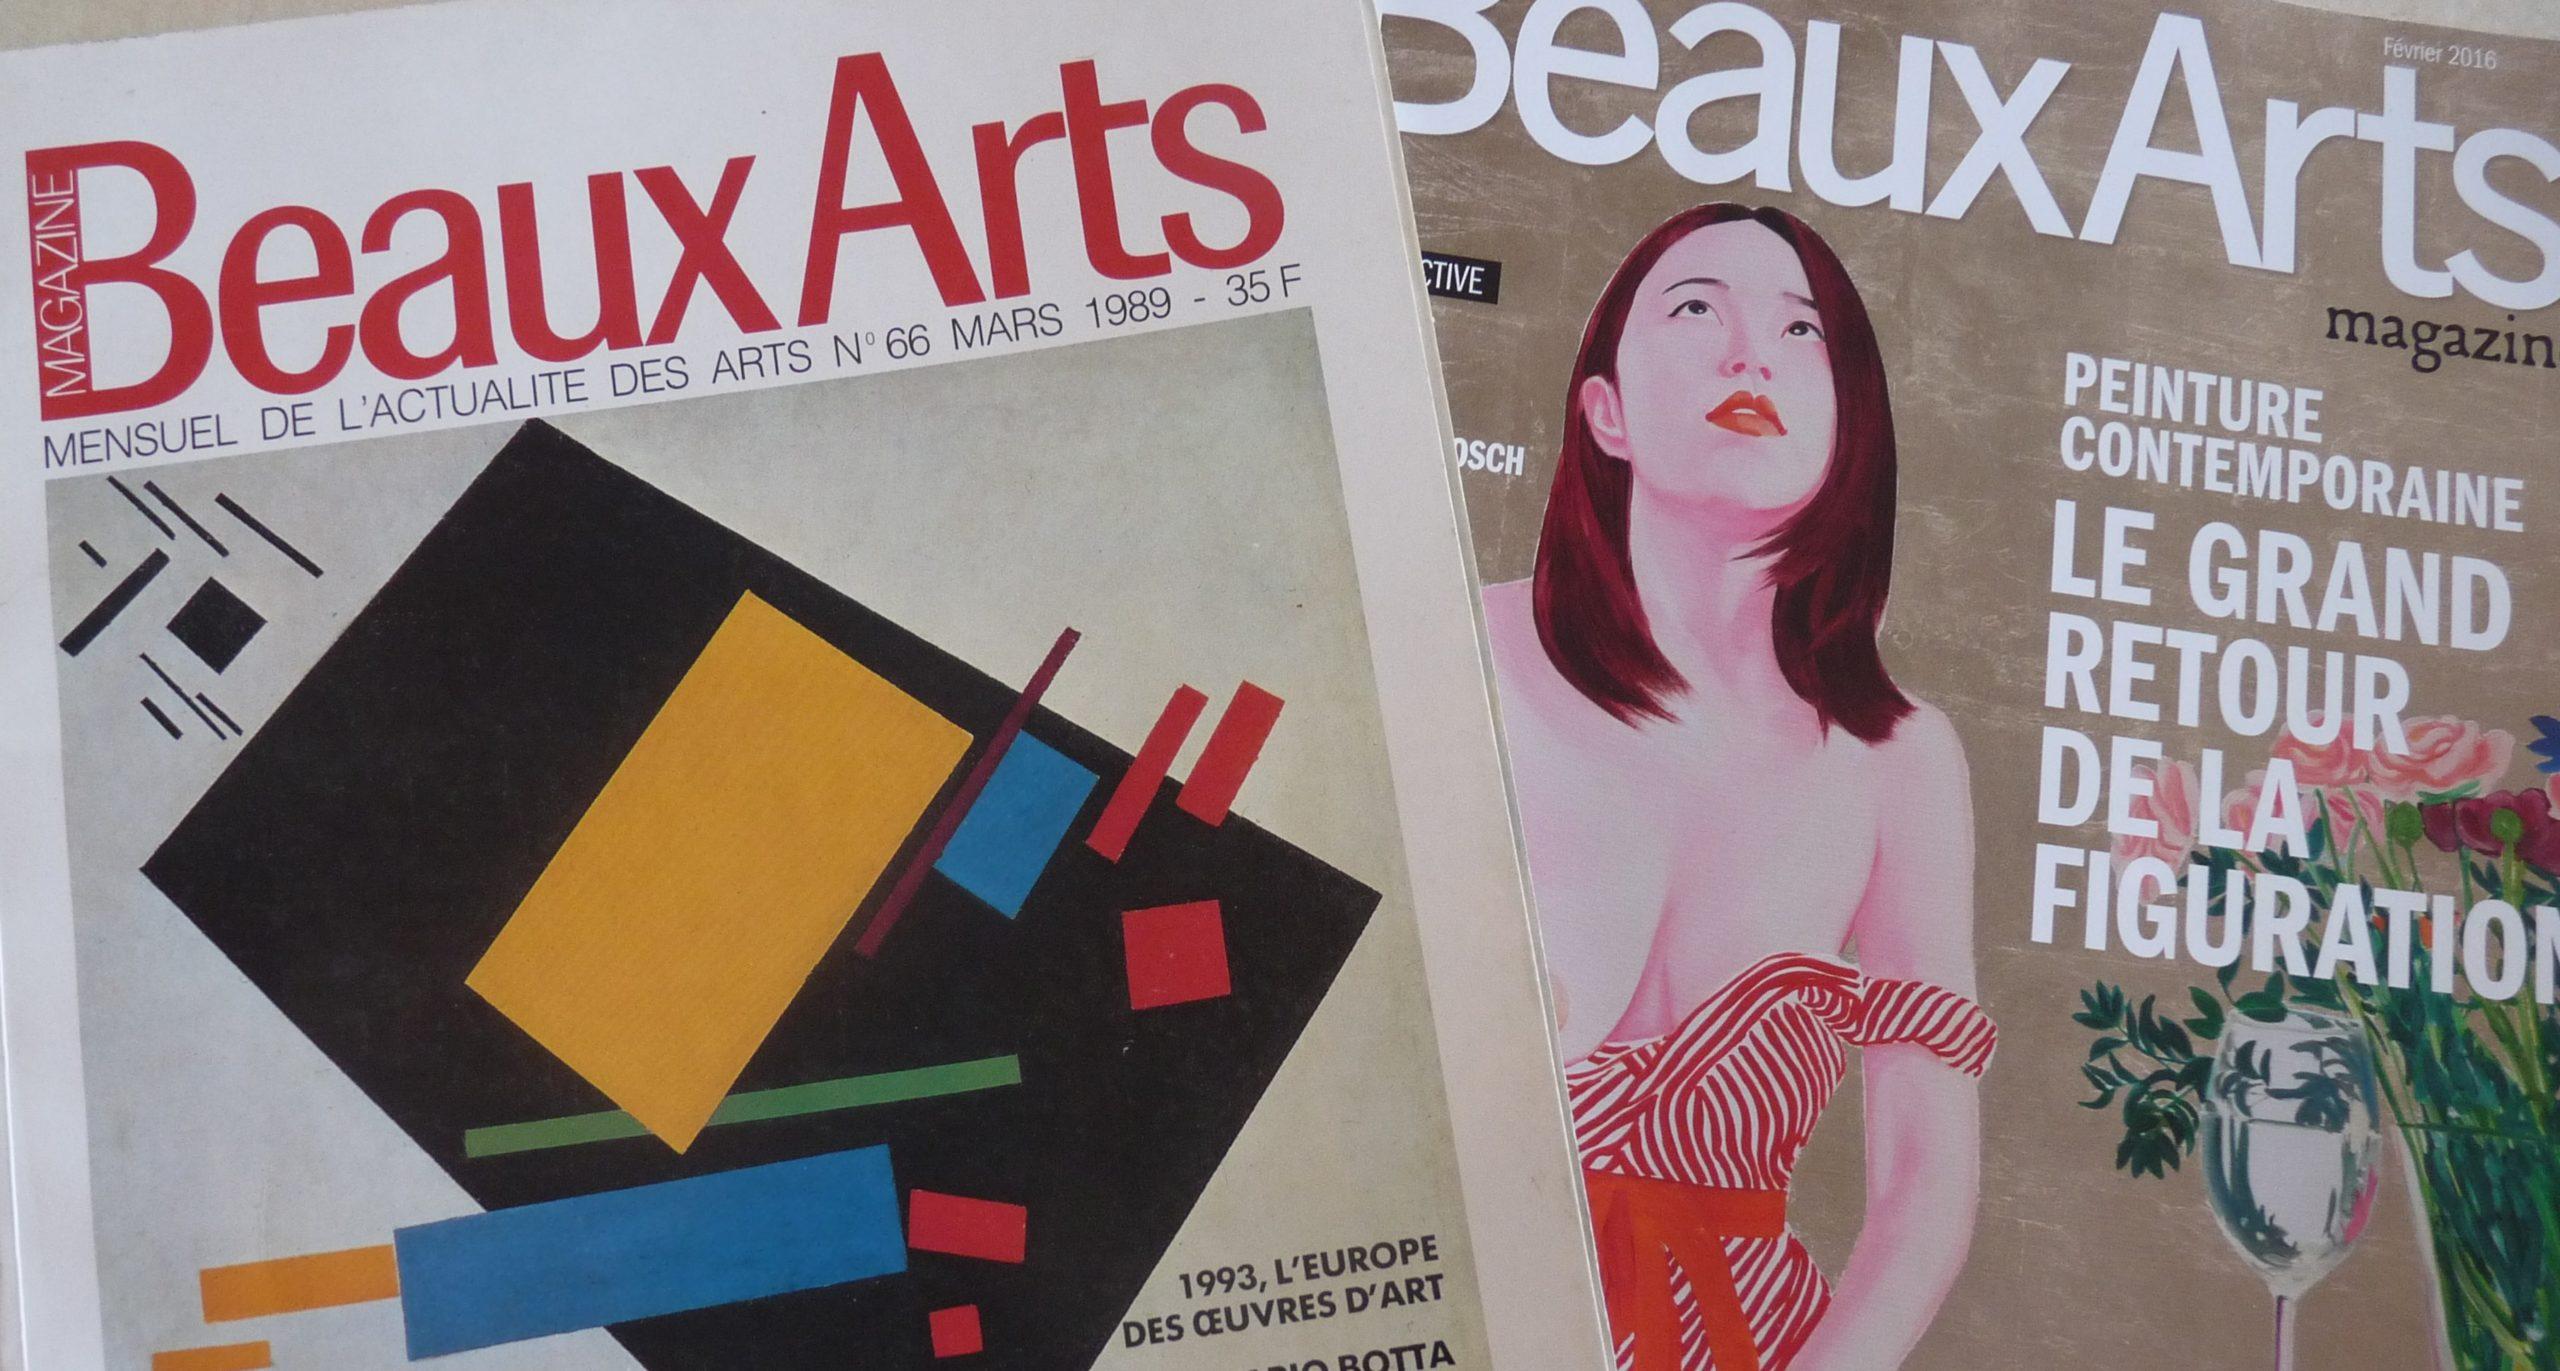 couverture beaux-arts magazine avant après